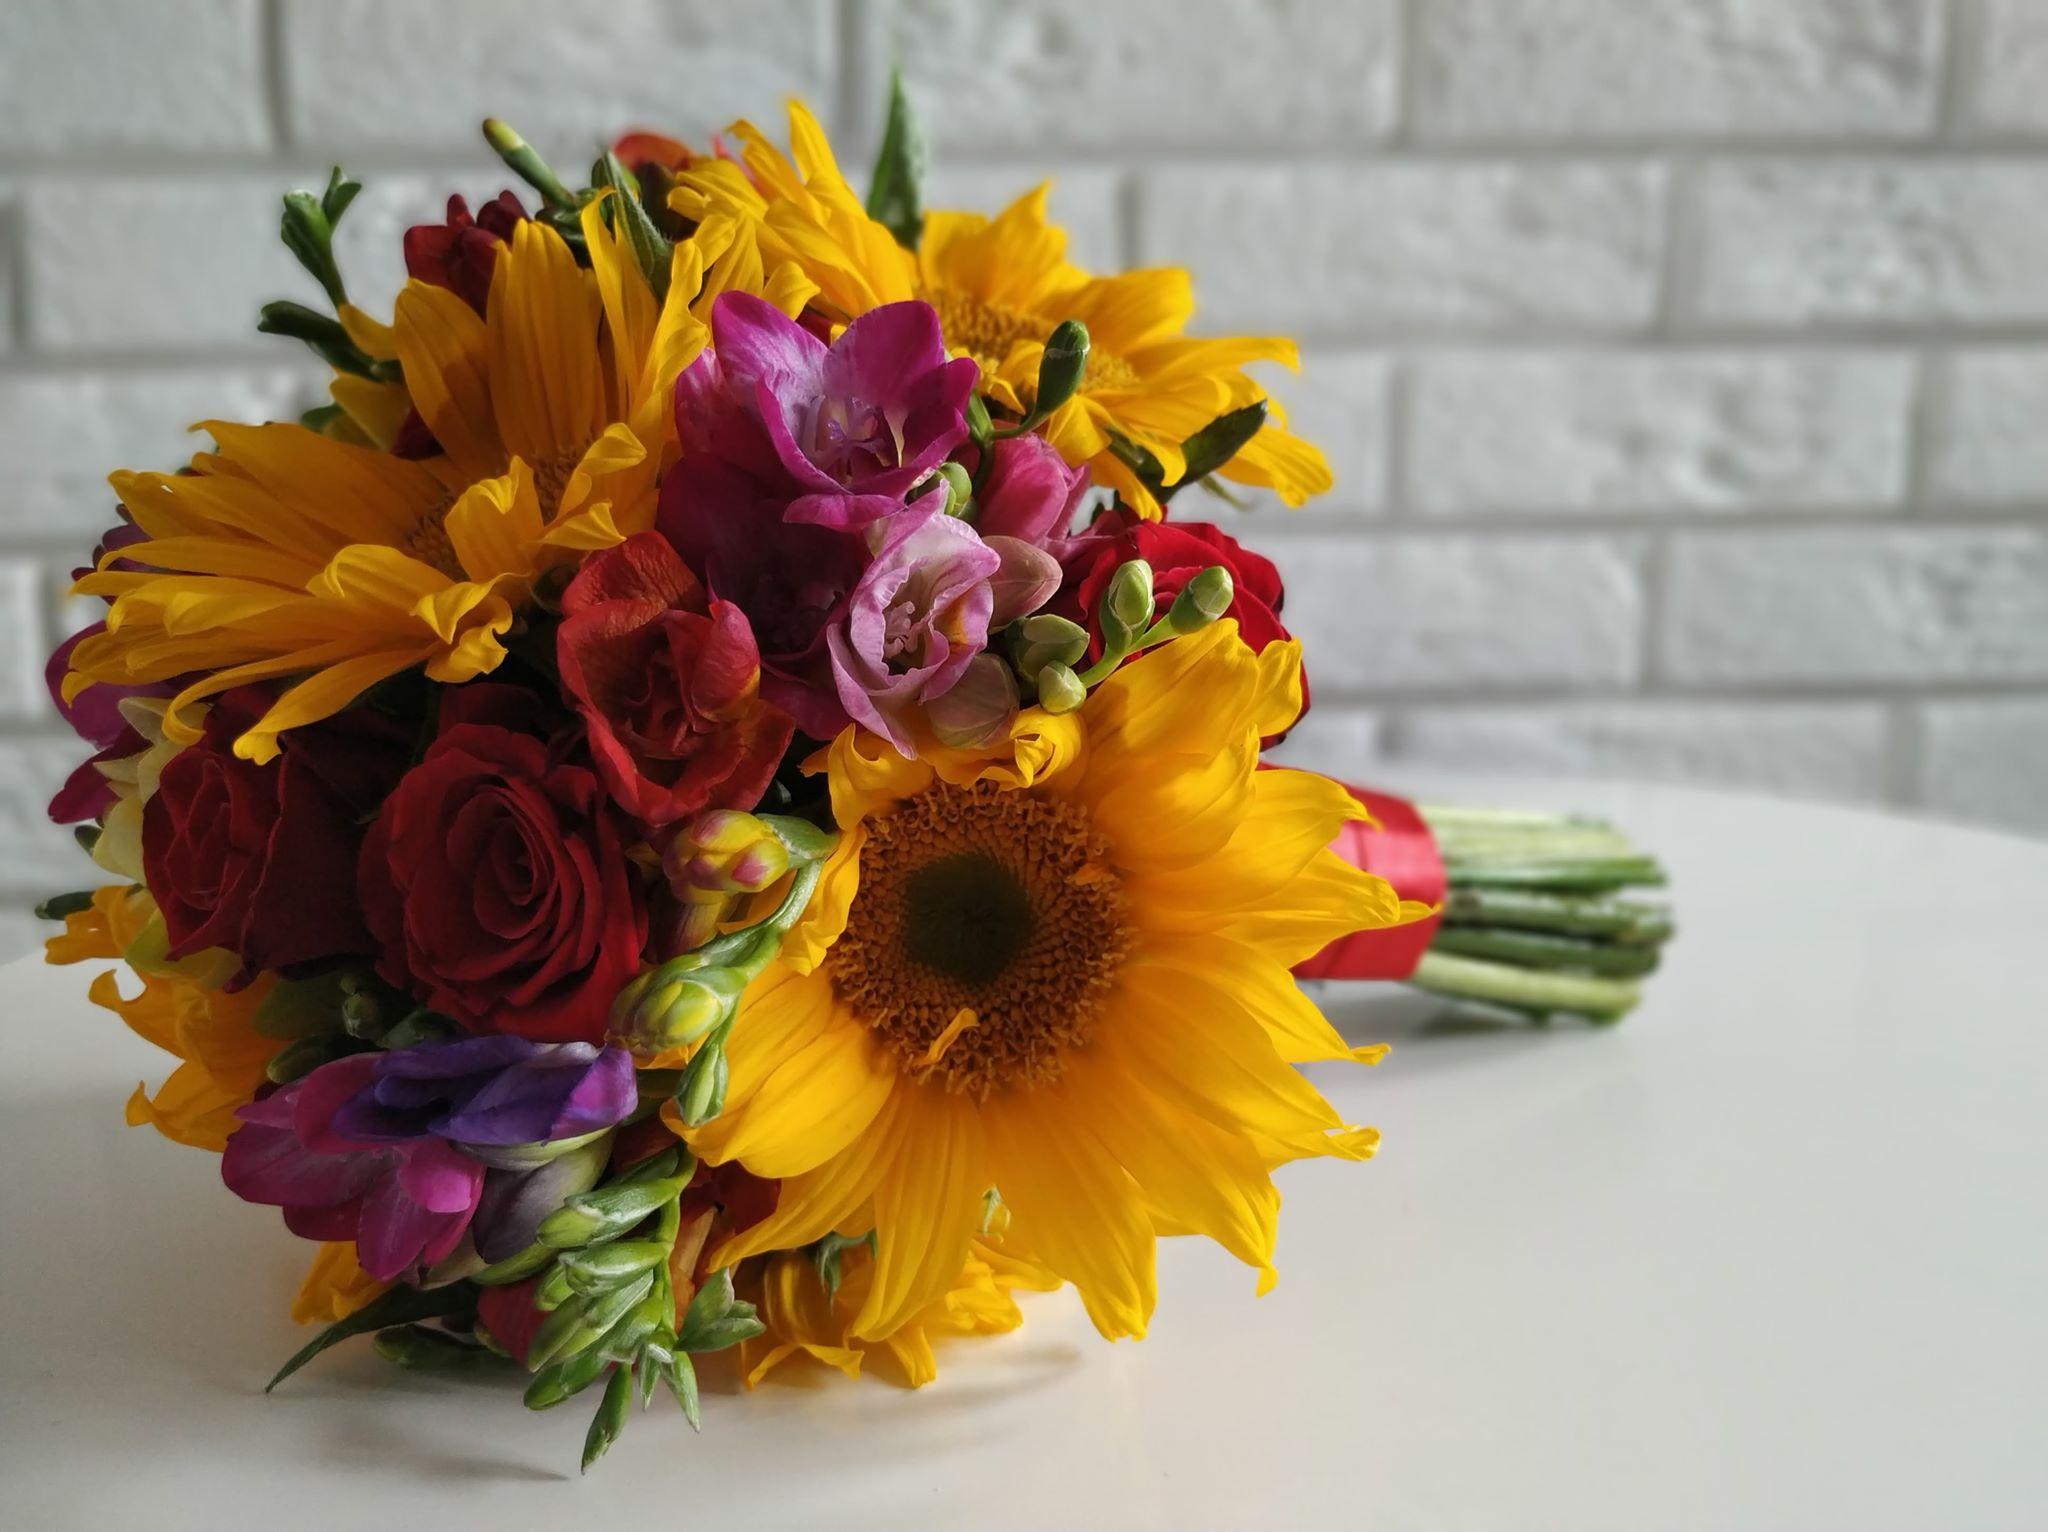 dekorka florystyka dekoracje